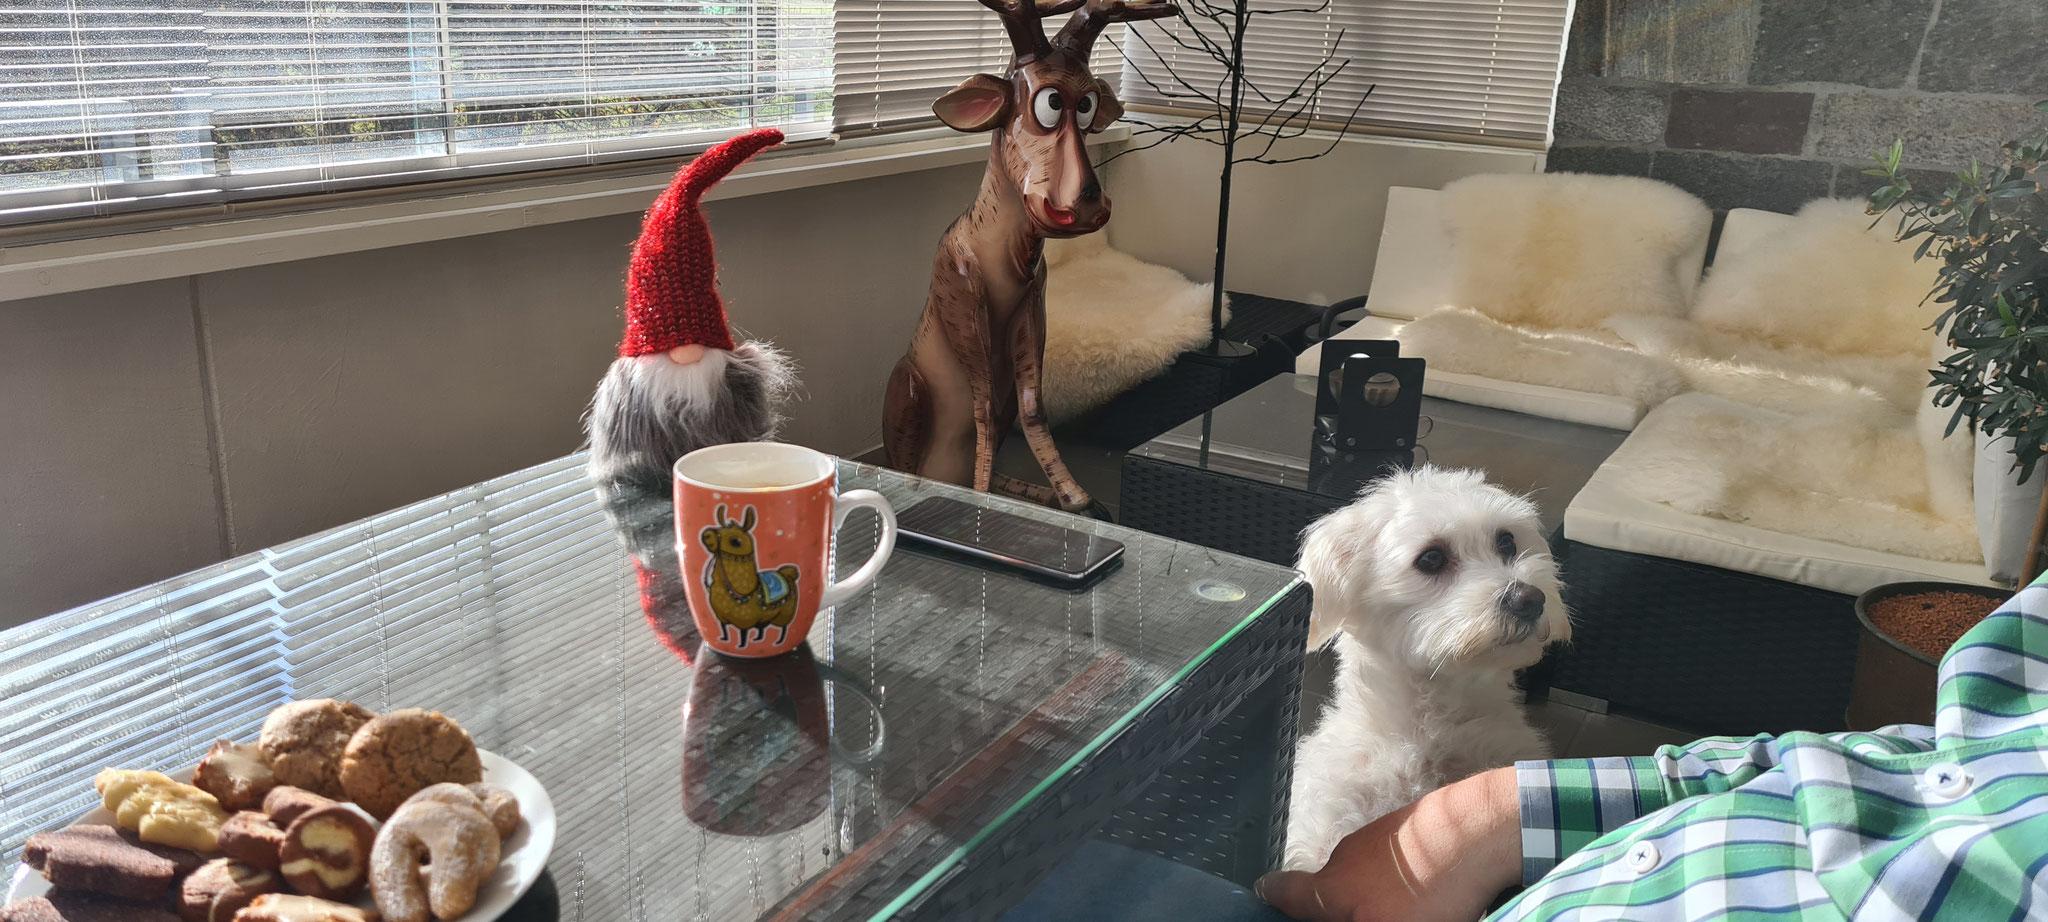 Kaffee und Weihnachtsplätzchen beim Aufbau...